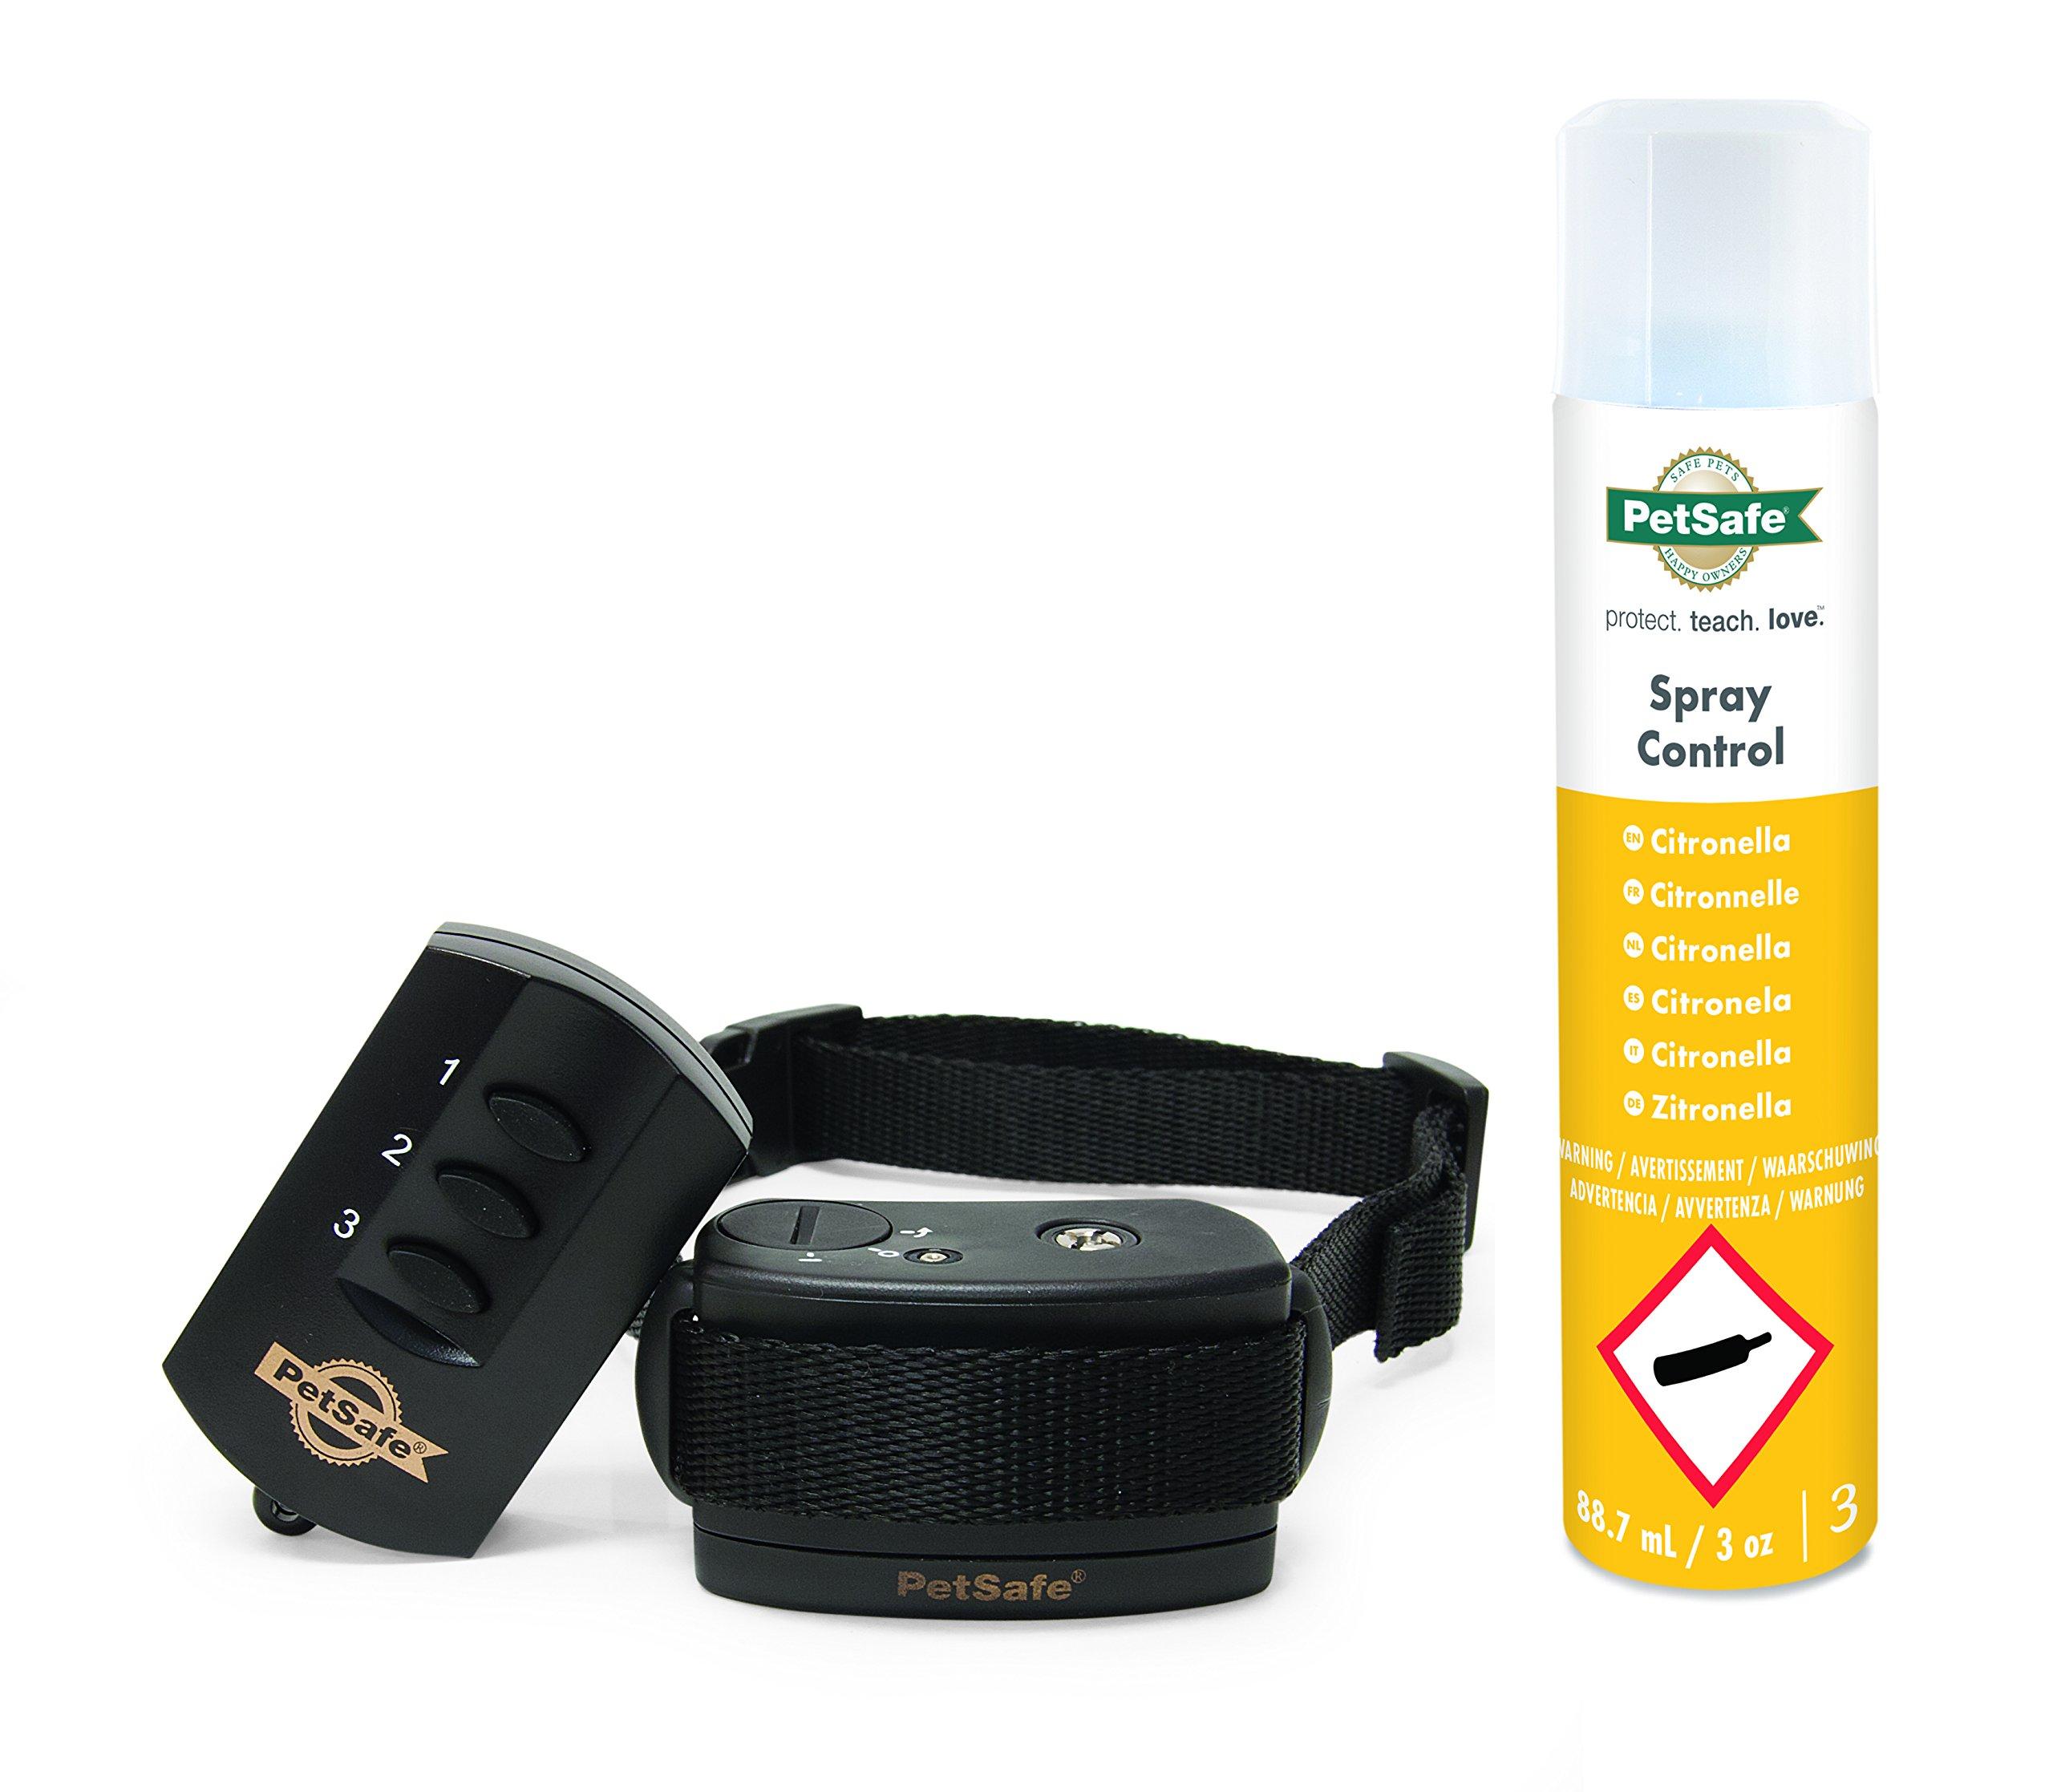 PetSafe - Collier de Dressage à Spray avec Télécommande pour Chien - Léger et Imperméable - Portée de 85 mètres product image